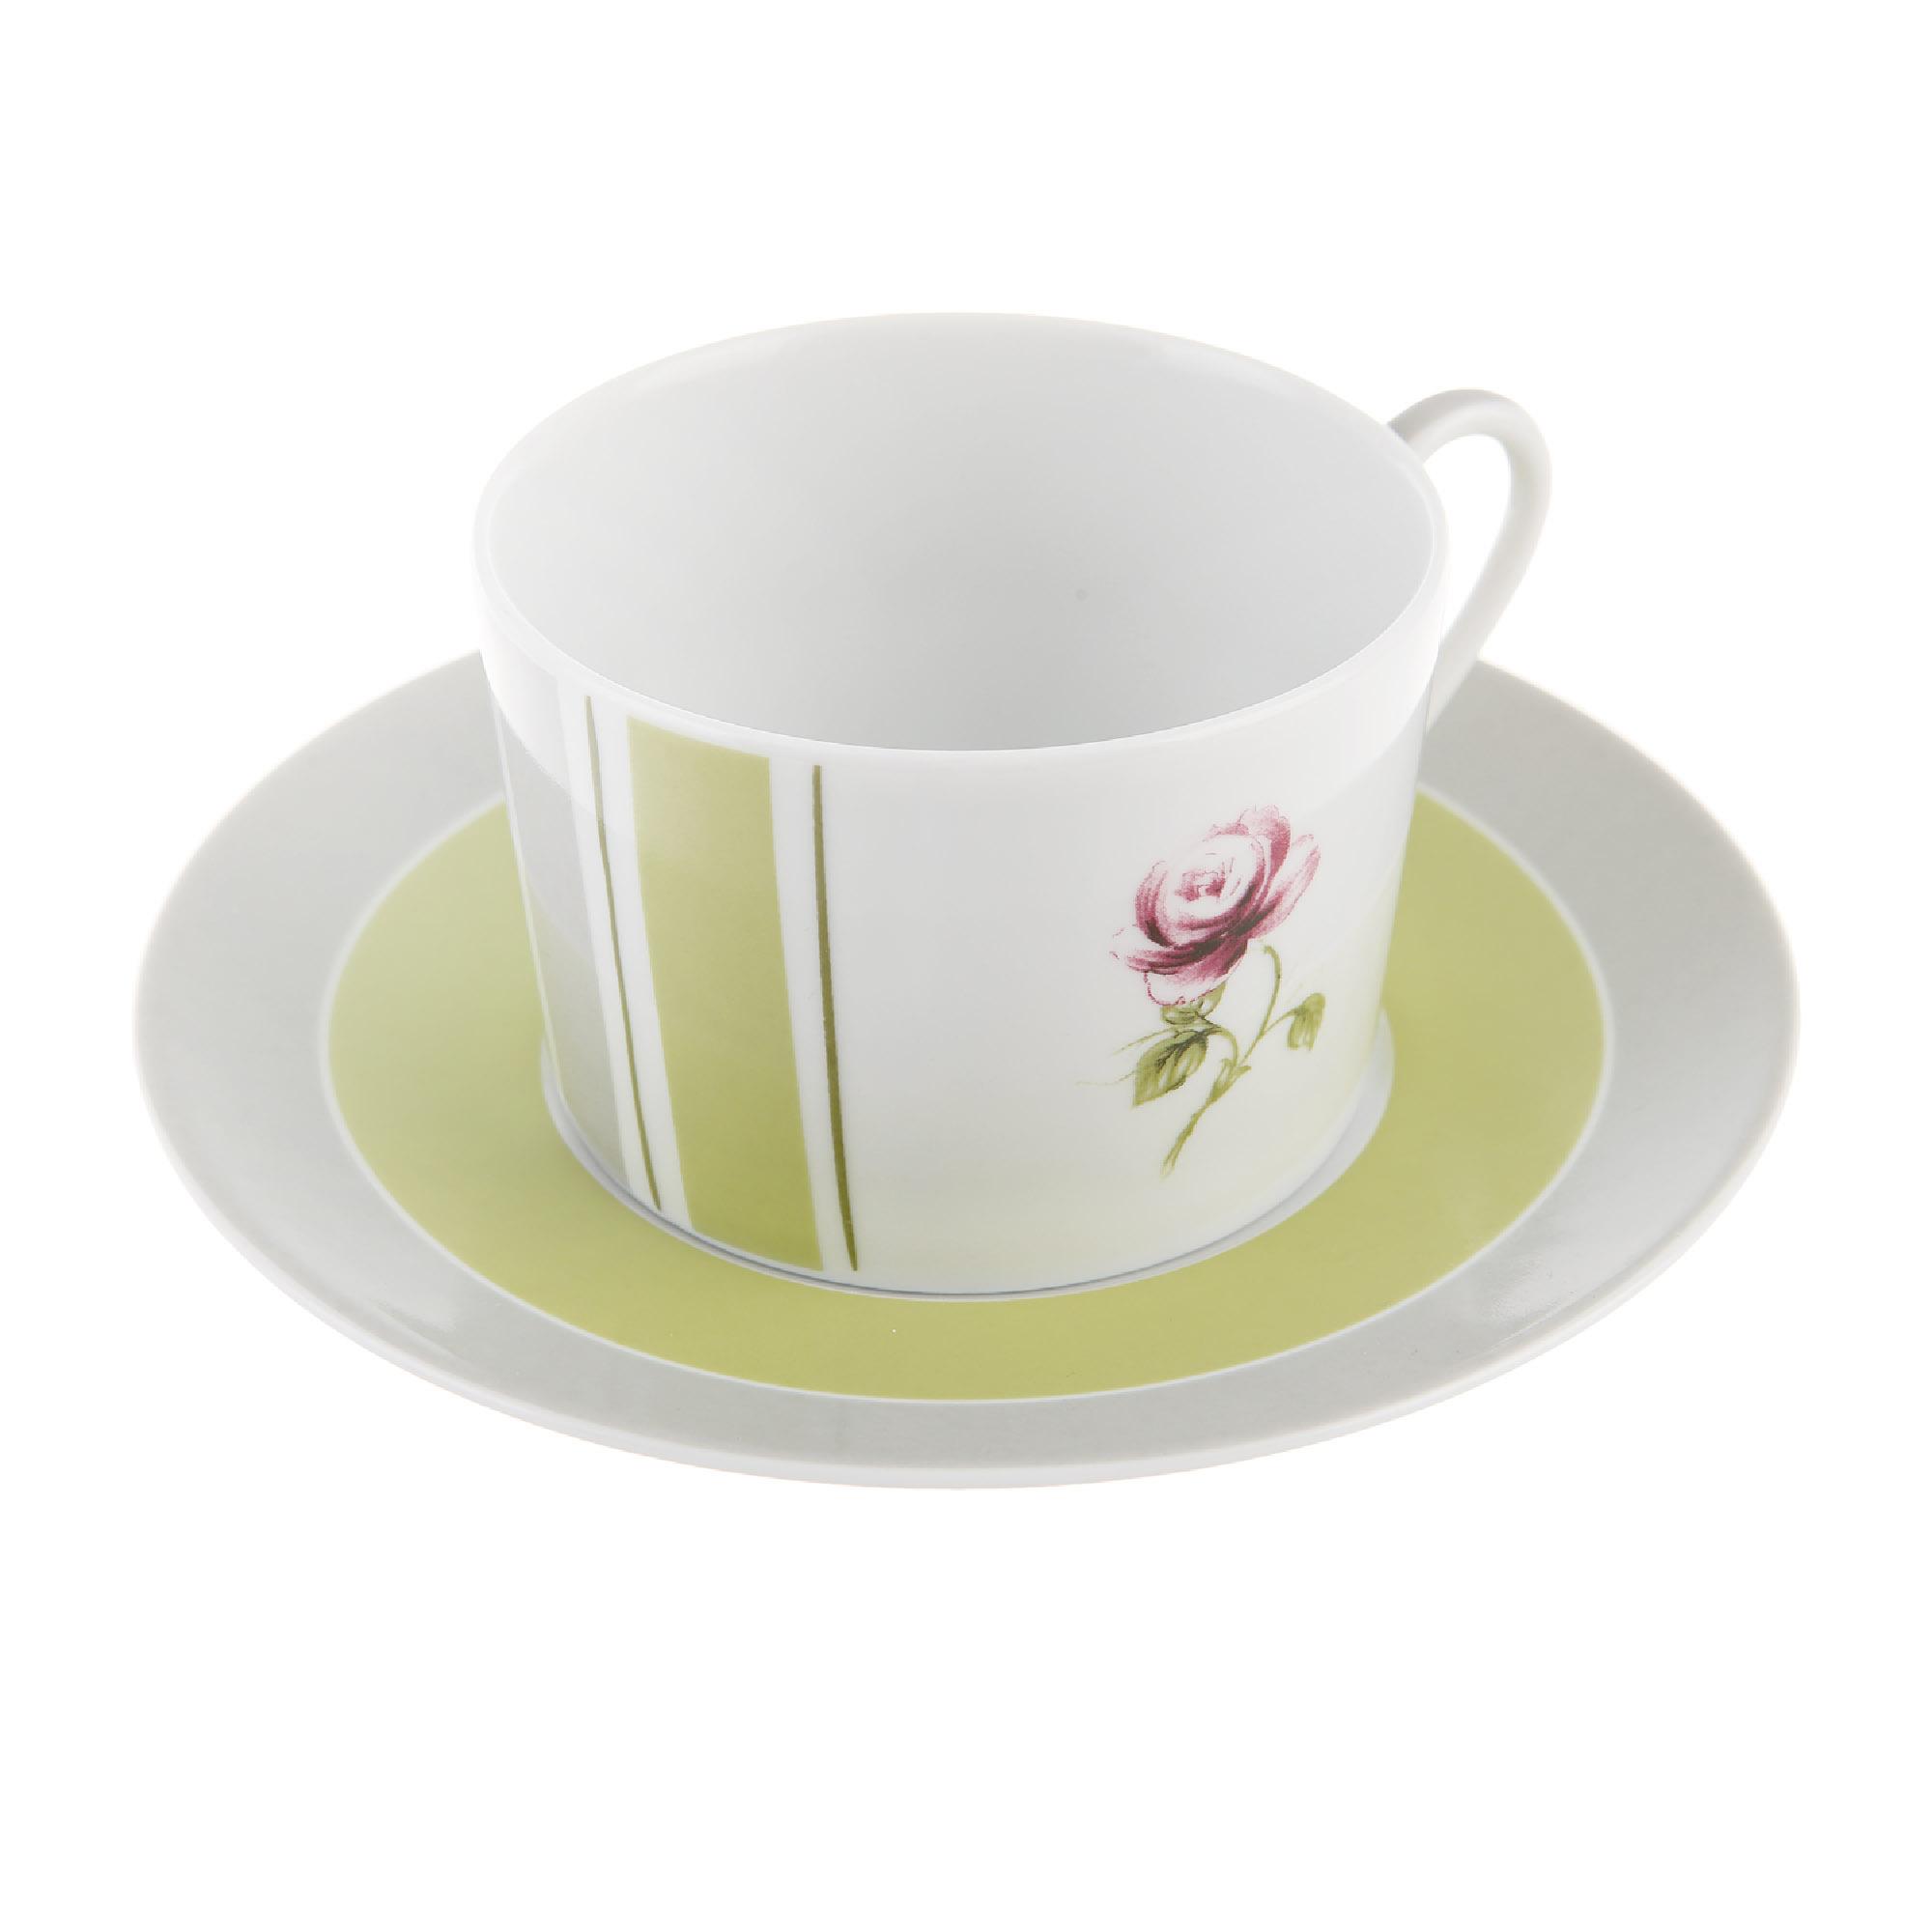 Чайная пара 220 мл cocooning Yves de la rosiere тарелка плоская yves de la rosiere cocooning 27 см